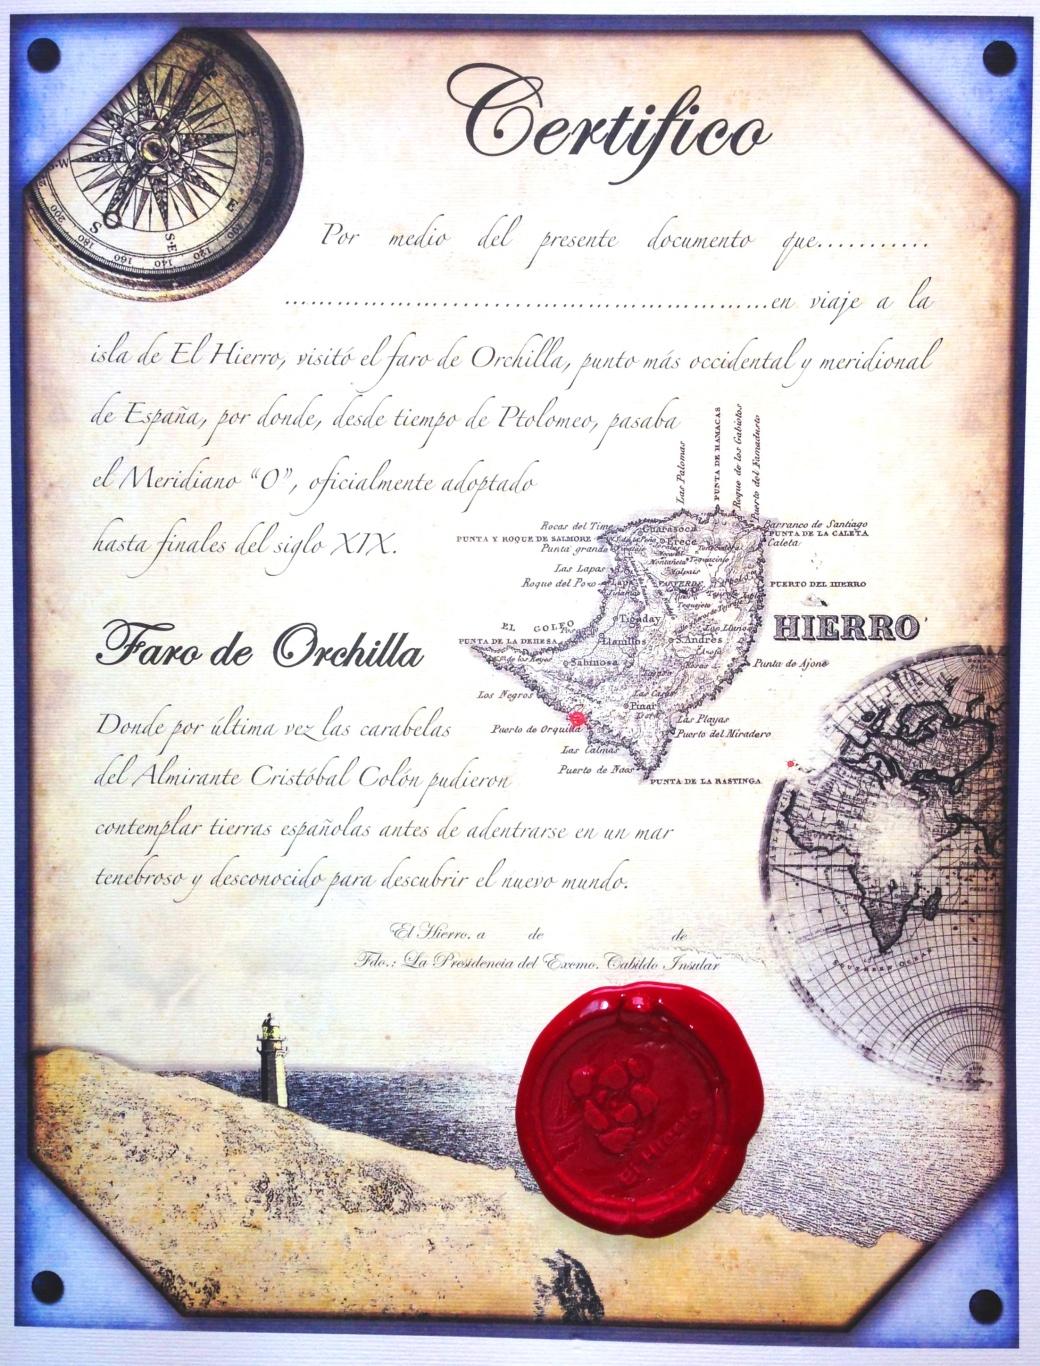 Certificado visita faro orchilla